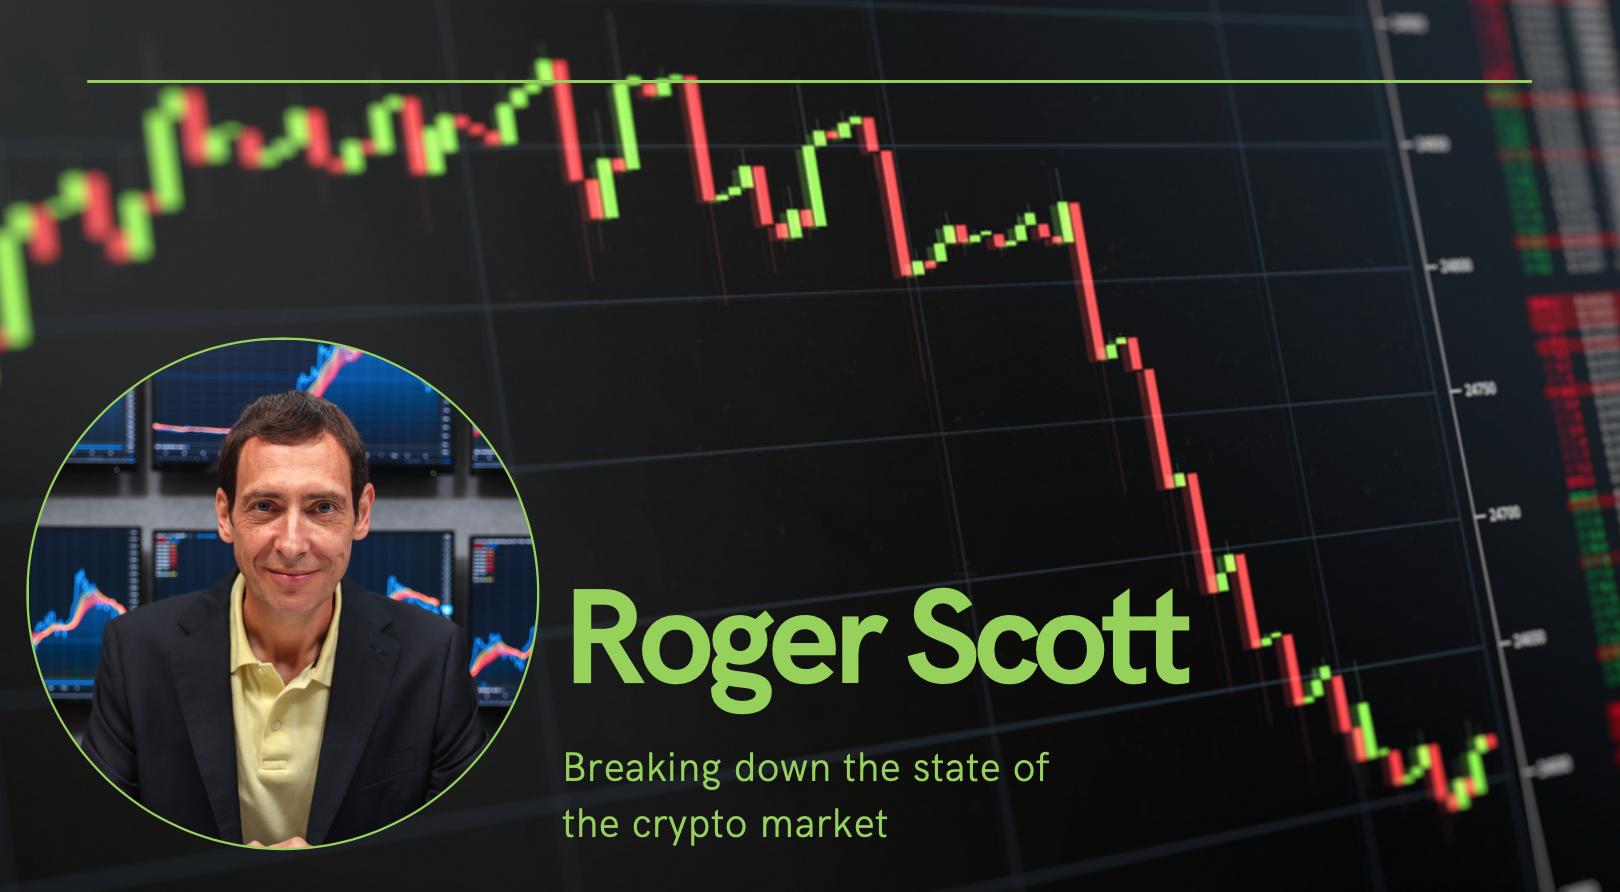 Roger Scott, Executive broker for WealthPress Exclusive Interview